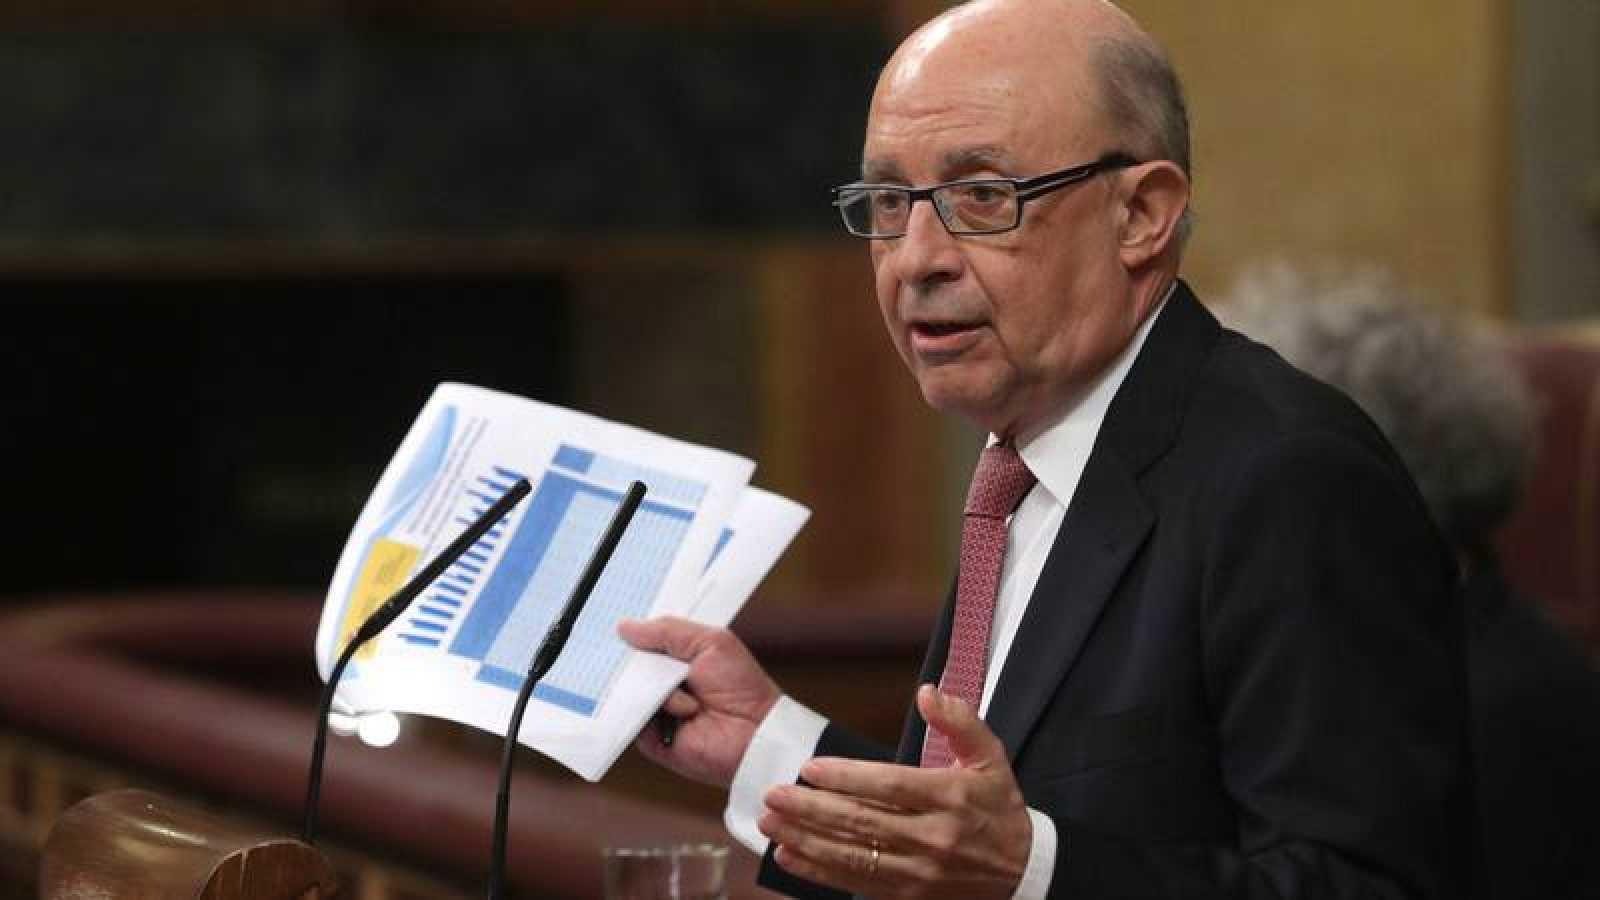 El ministro de Hacienda, Cristóbal Montoro, en el pleno del Congreso de los Diputados el pasado 26 de abril